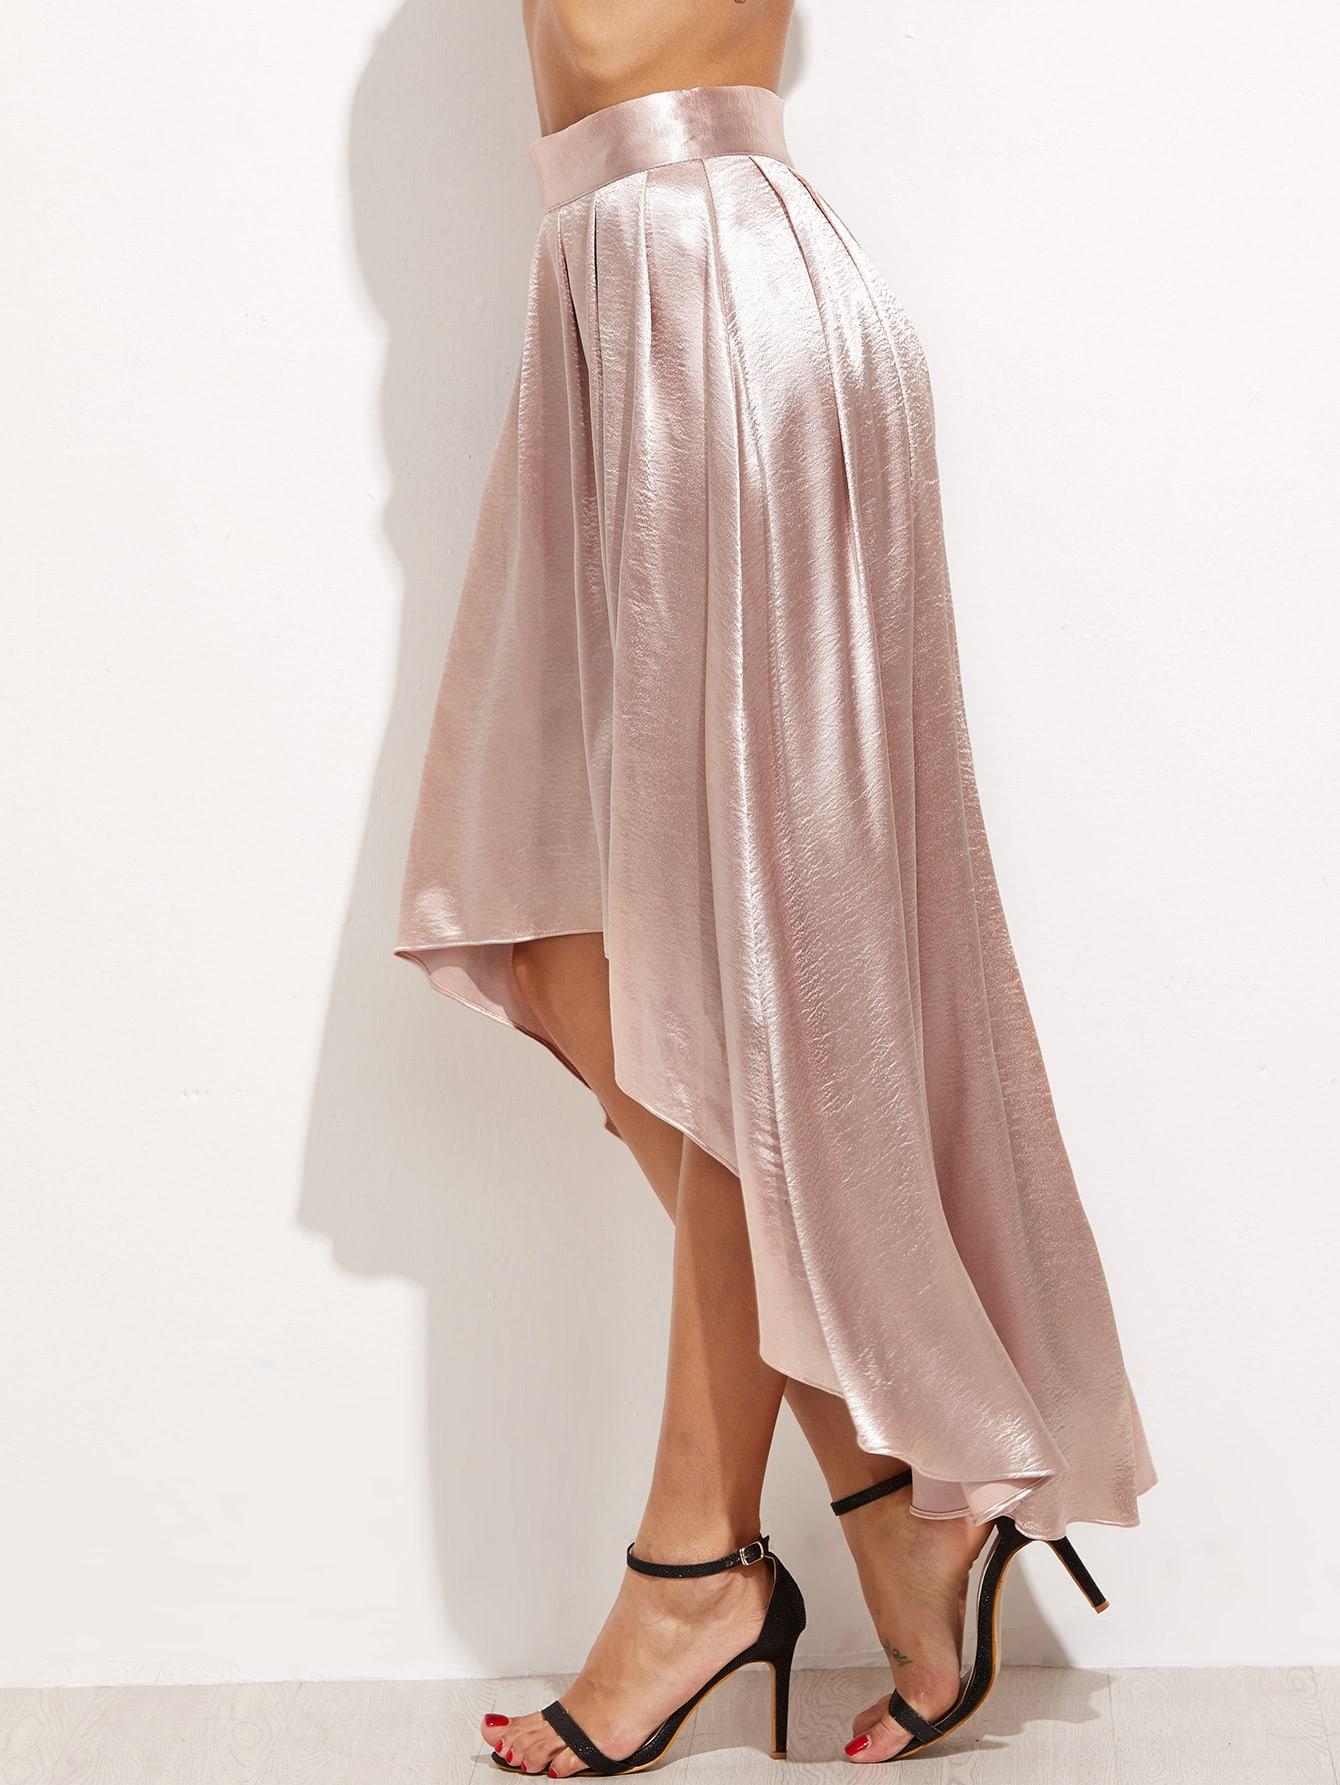 skirt161005702_2